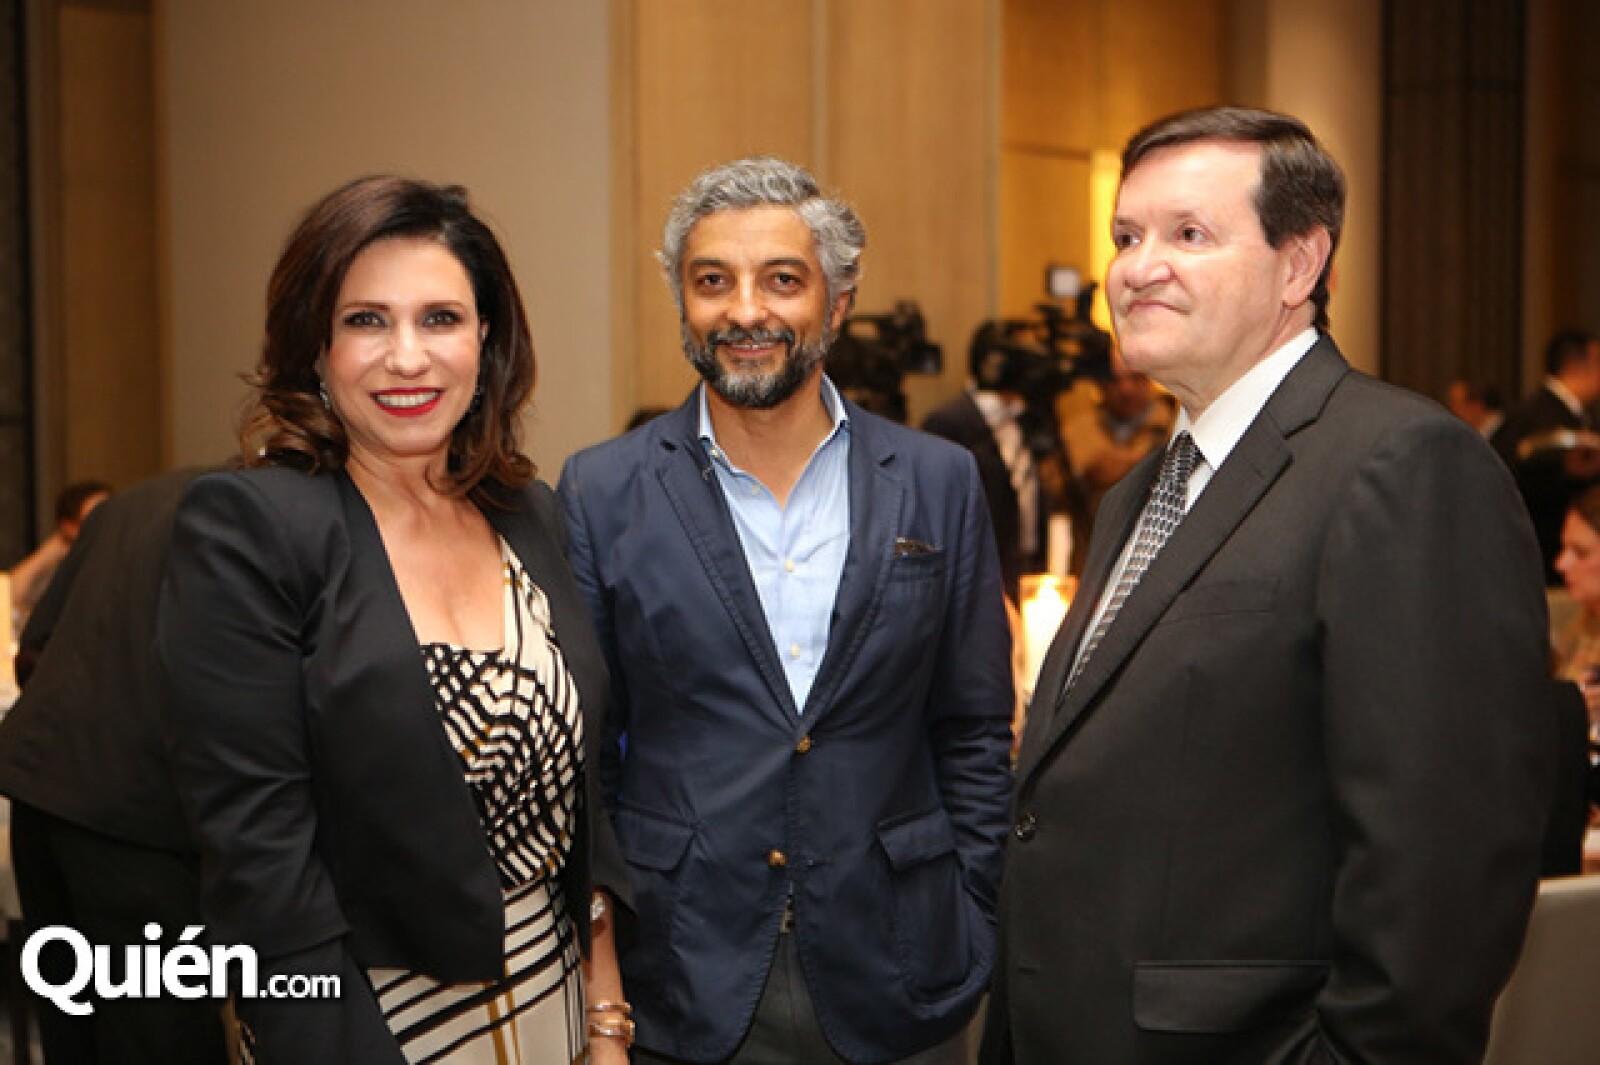 Maribe Lancioni,Alejandro Escudero y José María Zas